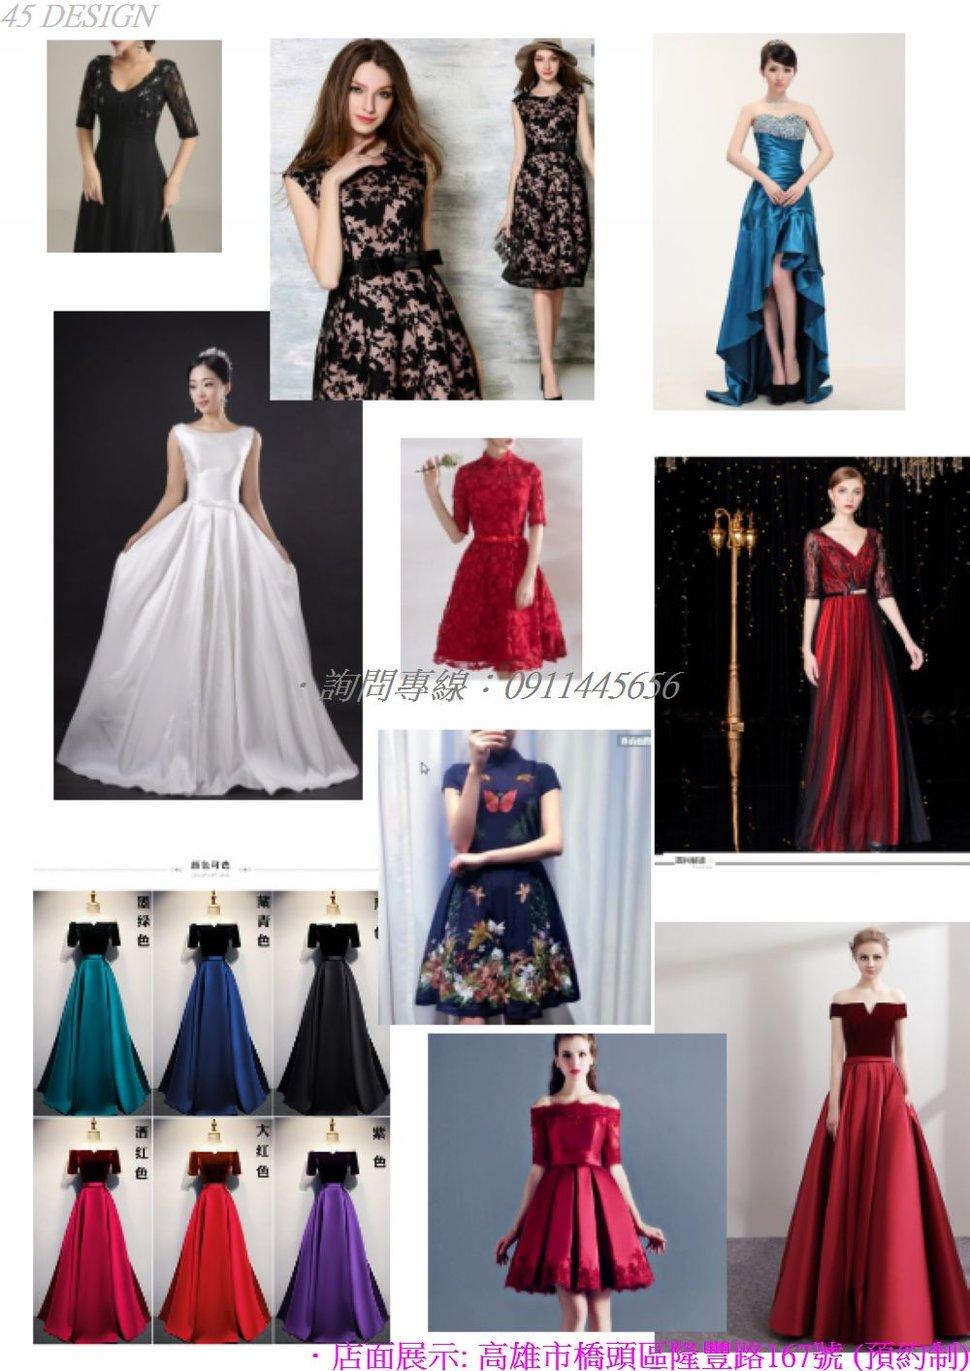 msl190815768AF3204ED4419C94527489457D1F25 - 全台最便宜-45DESIGN四五婚紗禮服《結婚吧》